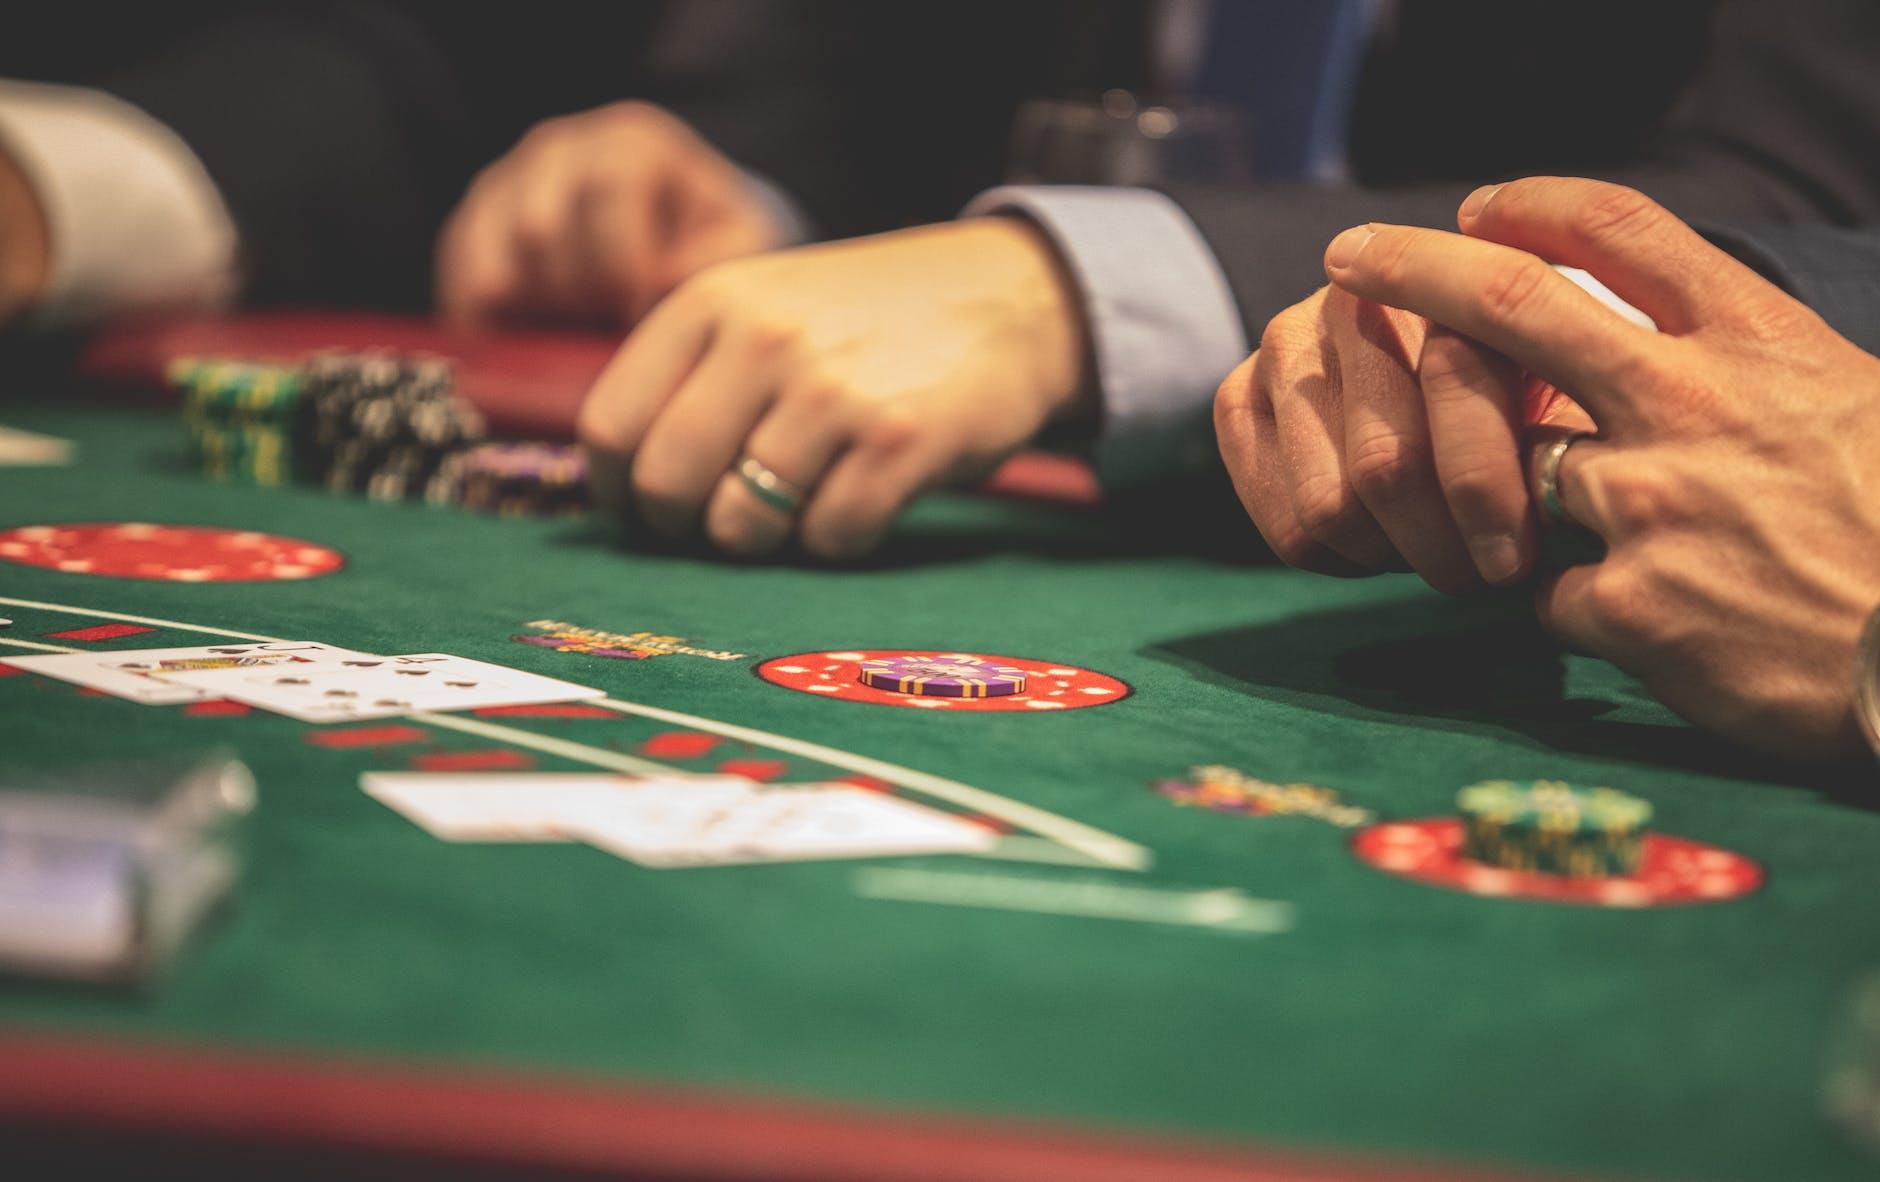 Een speeltafel met de handen van 3 spelers